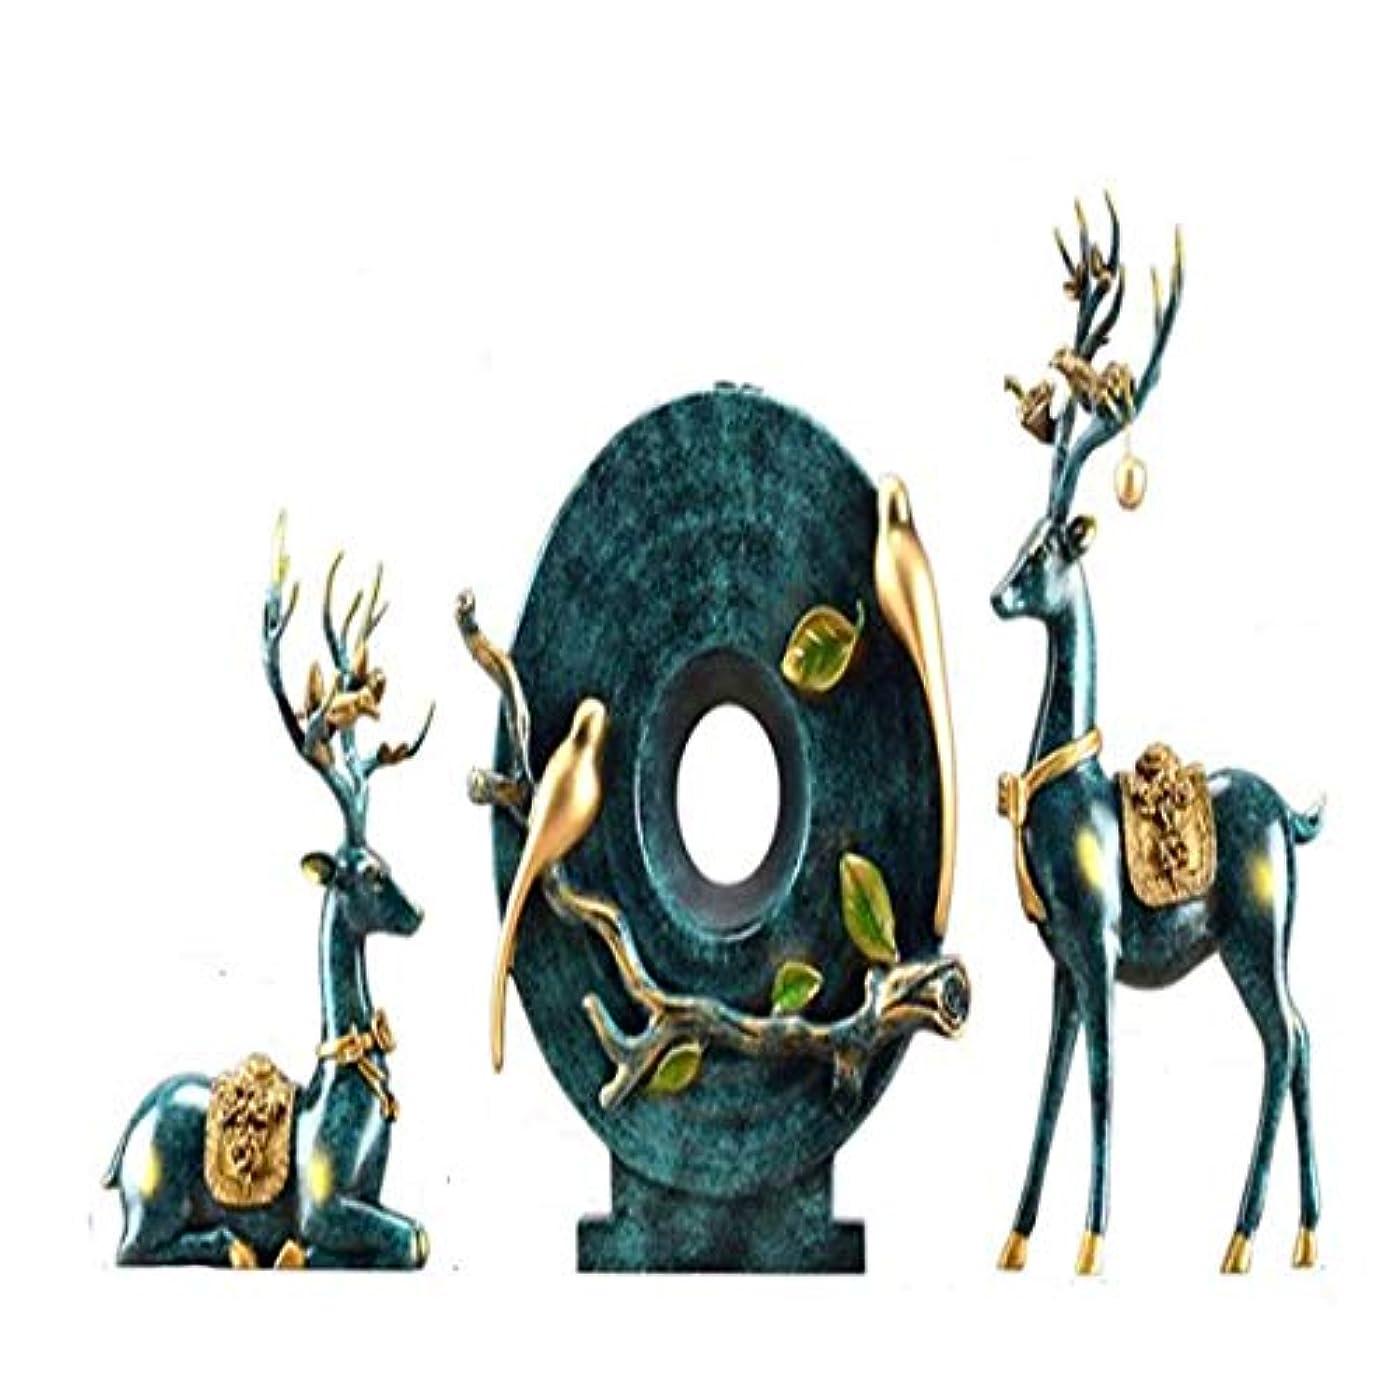 オリエンタルルート腐敗したYoushangshipin クリエイティブアメリカン鹿の装飾品花瓶リビングルーム新しい家の結婚式のギフトワインキャビネットテレビキャビネットホームソフト装飾家具,美しいギフトボックス (Color : A)